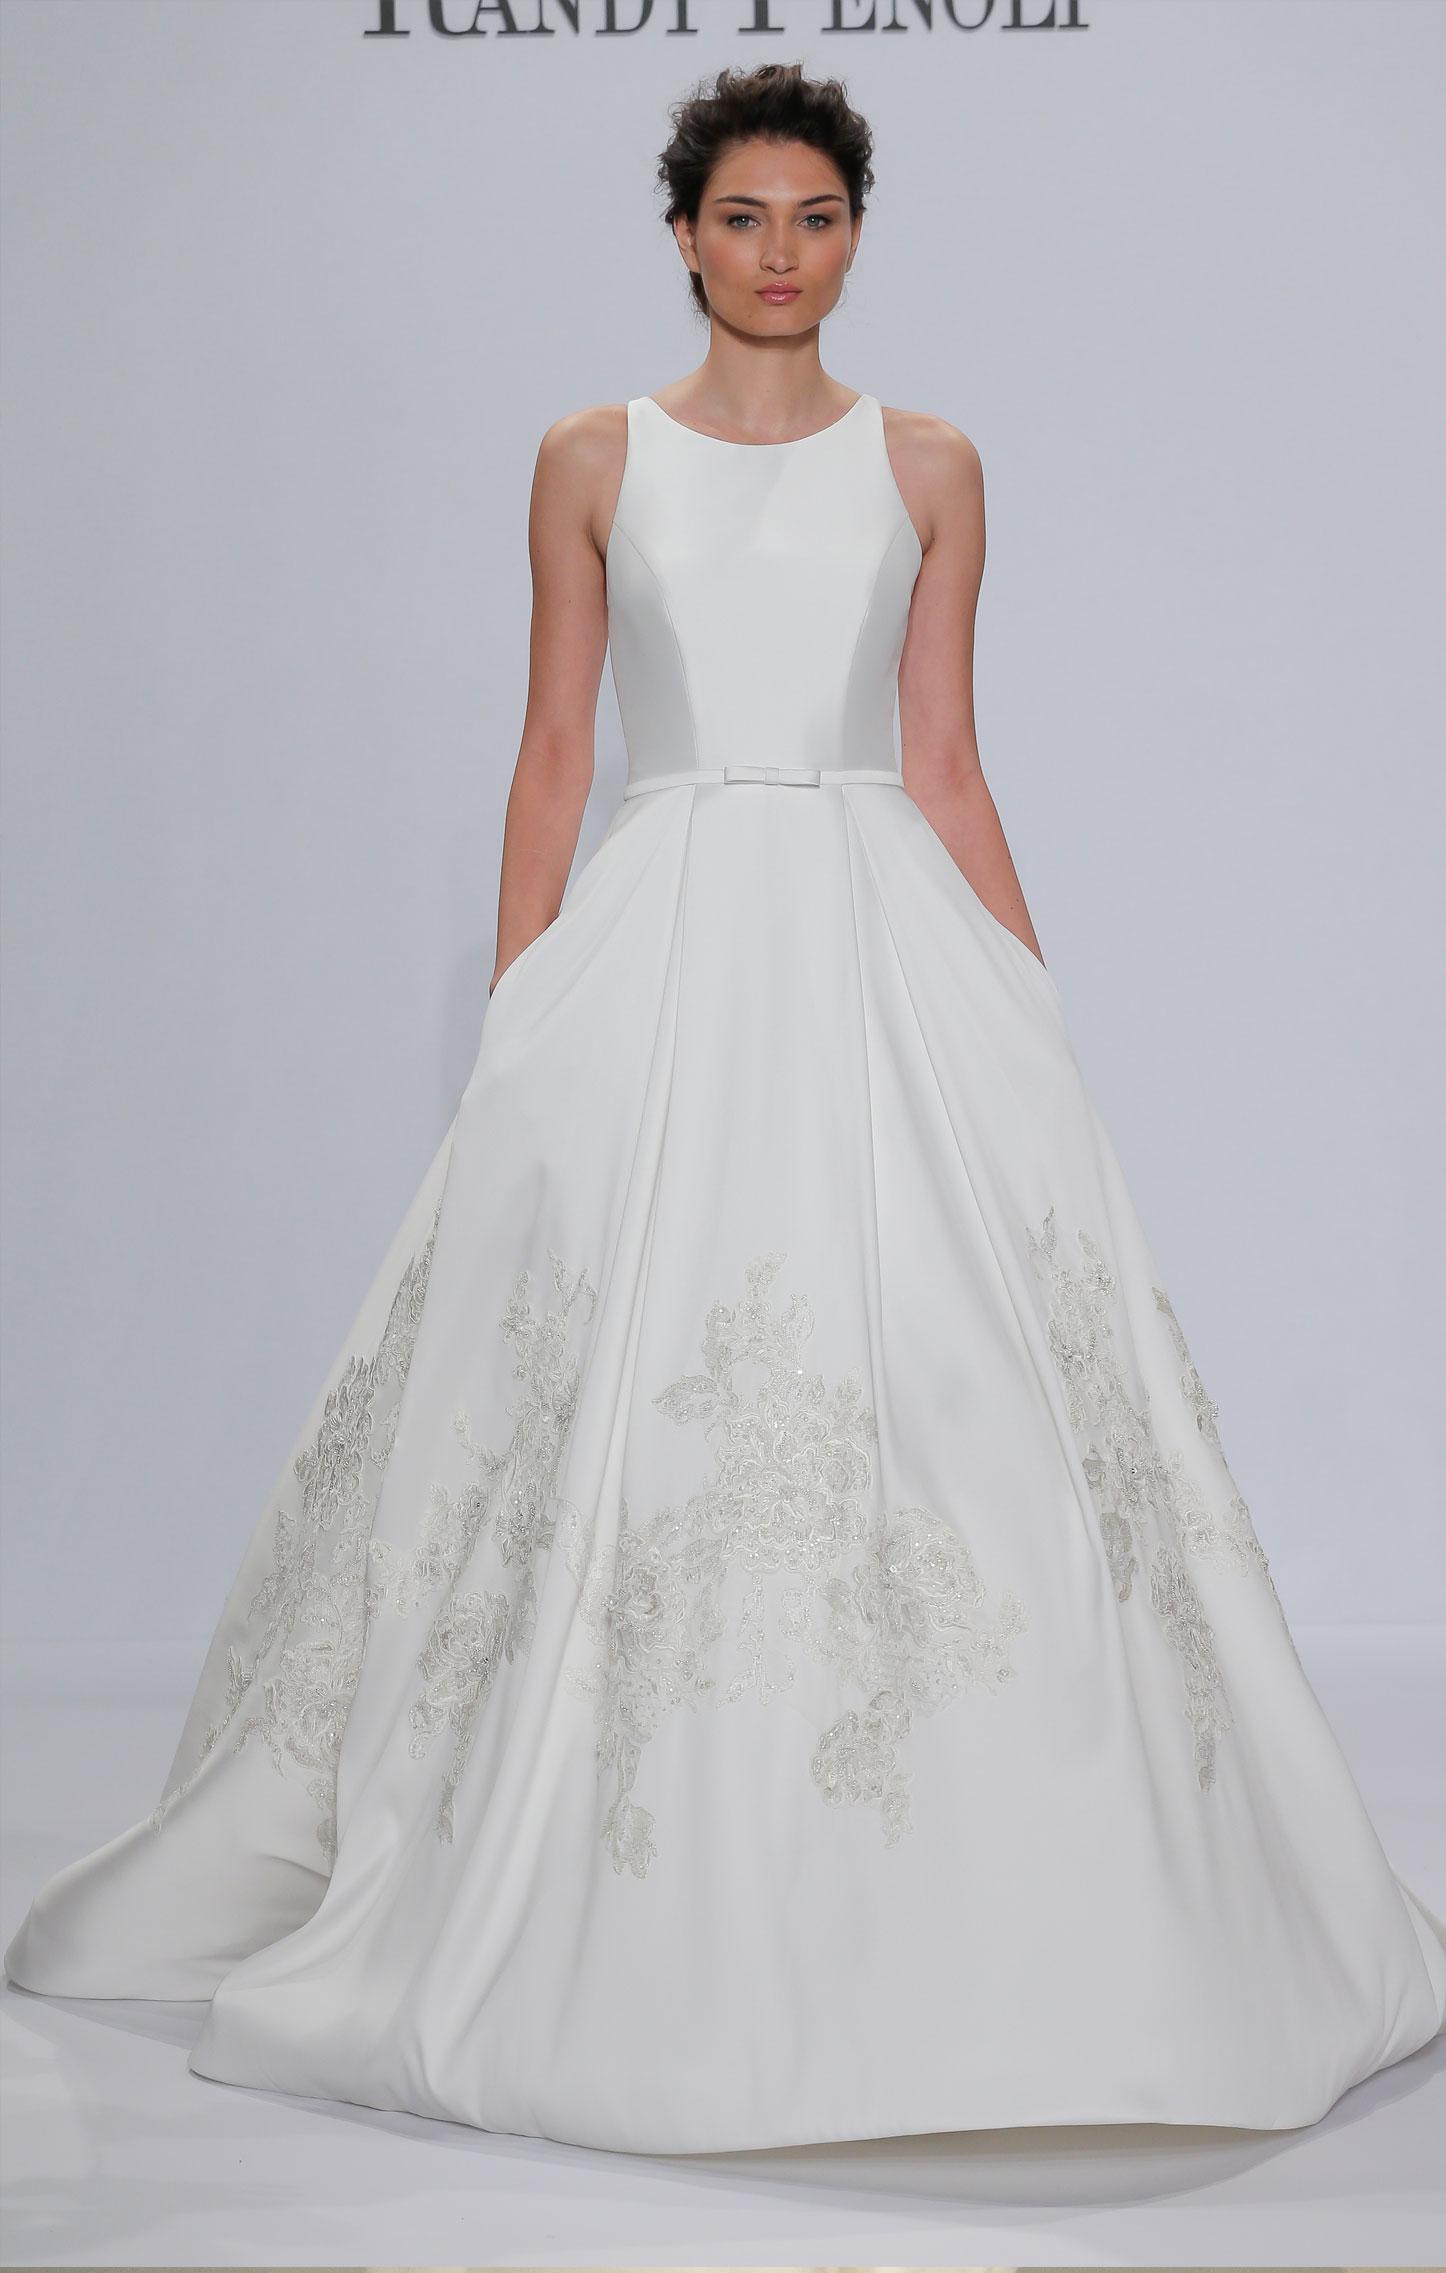 Royal wedding Gown inspiration by Randy Fenoli